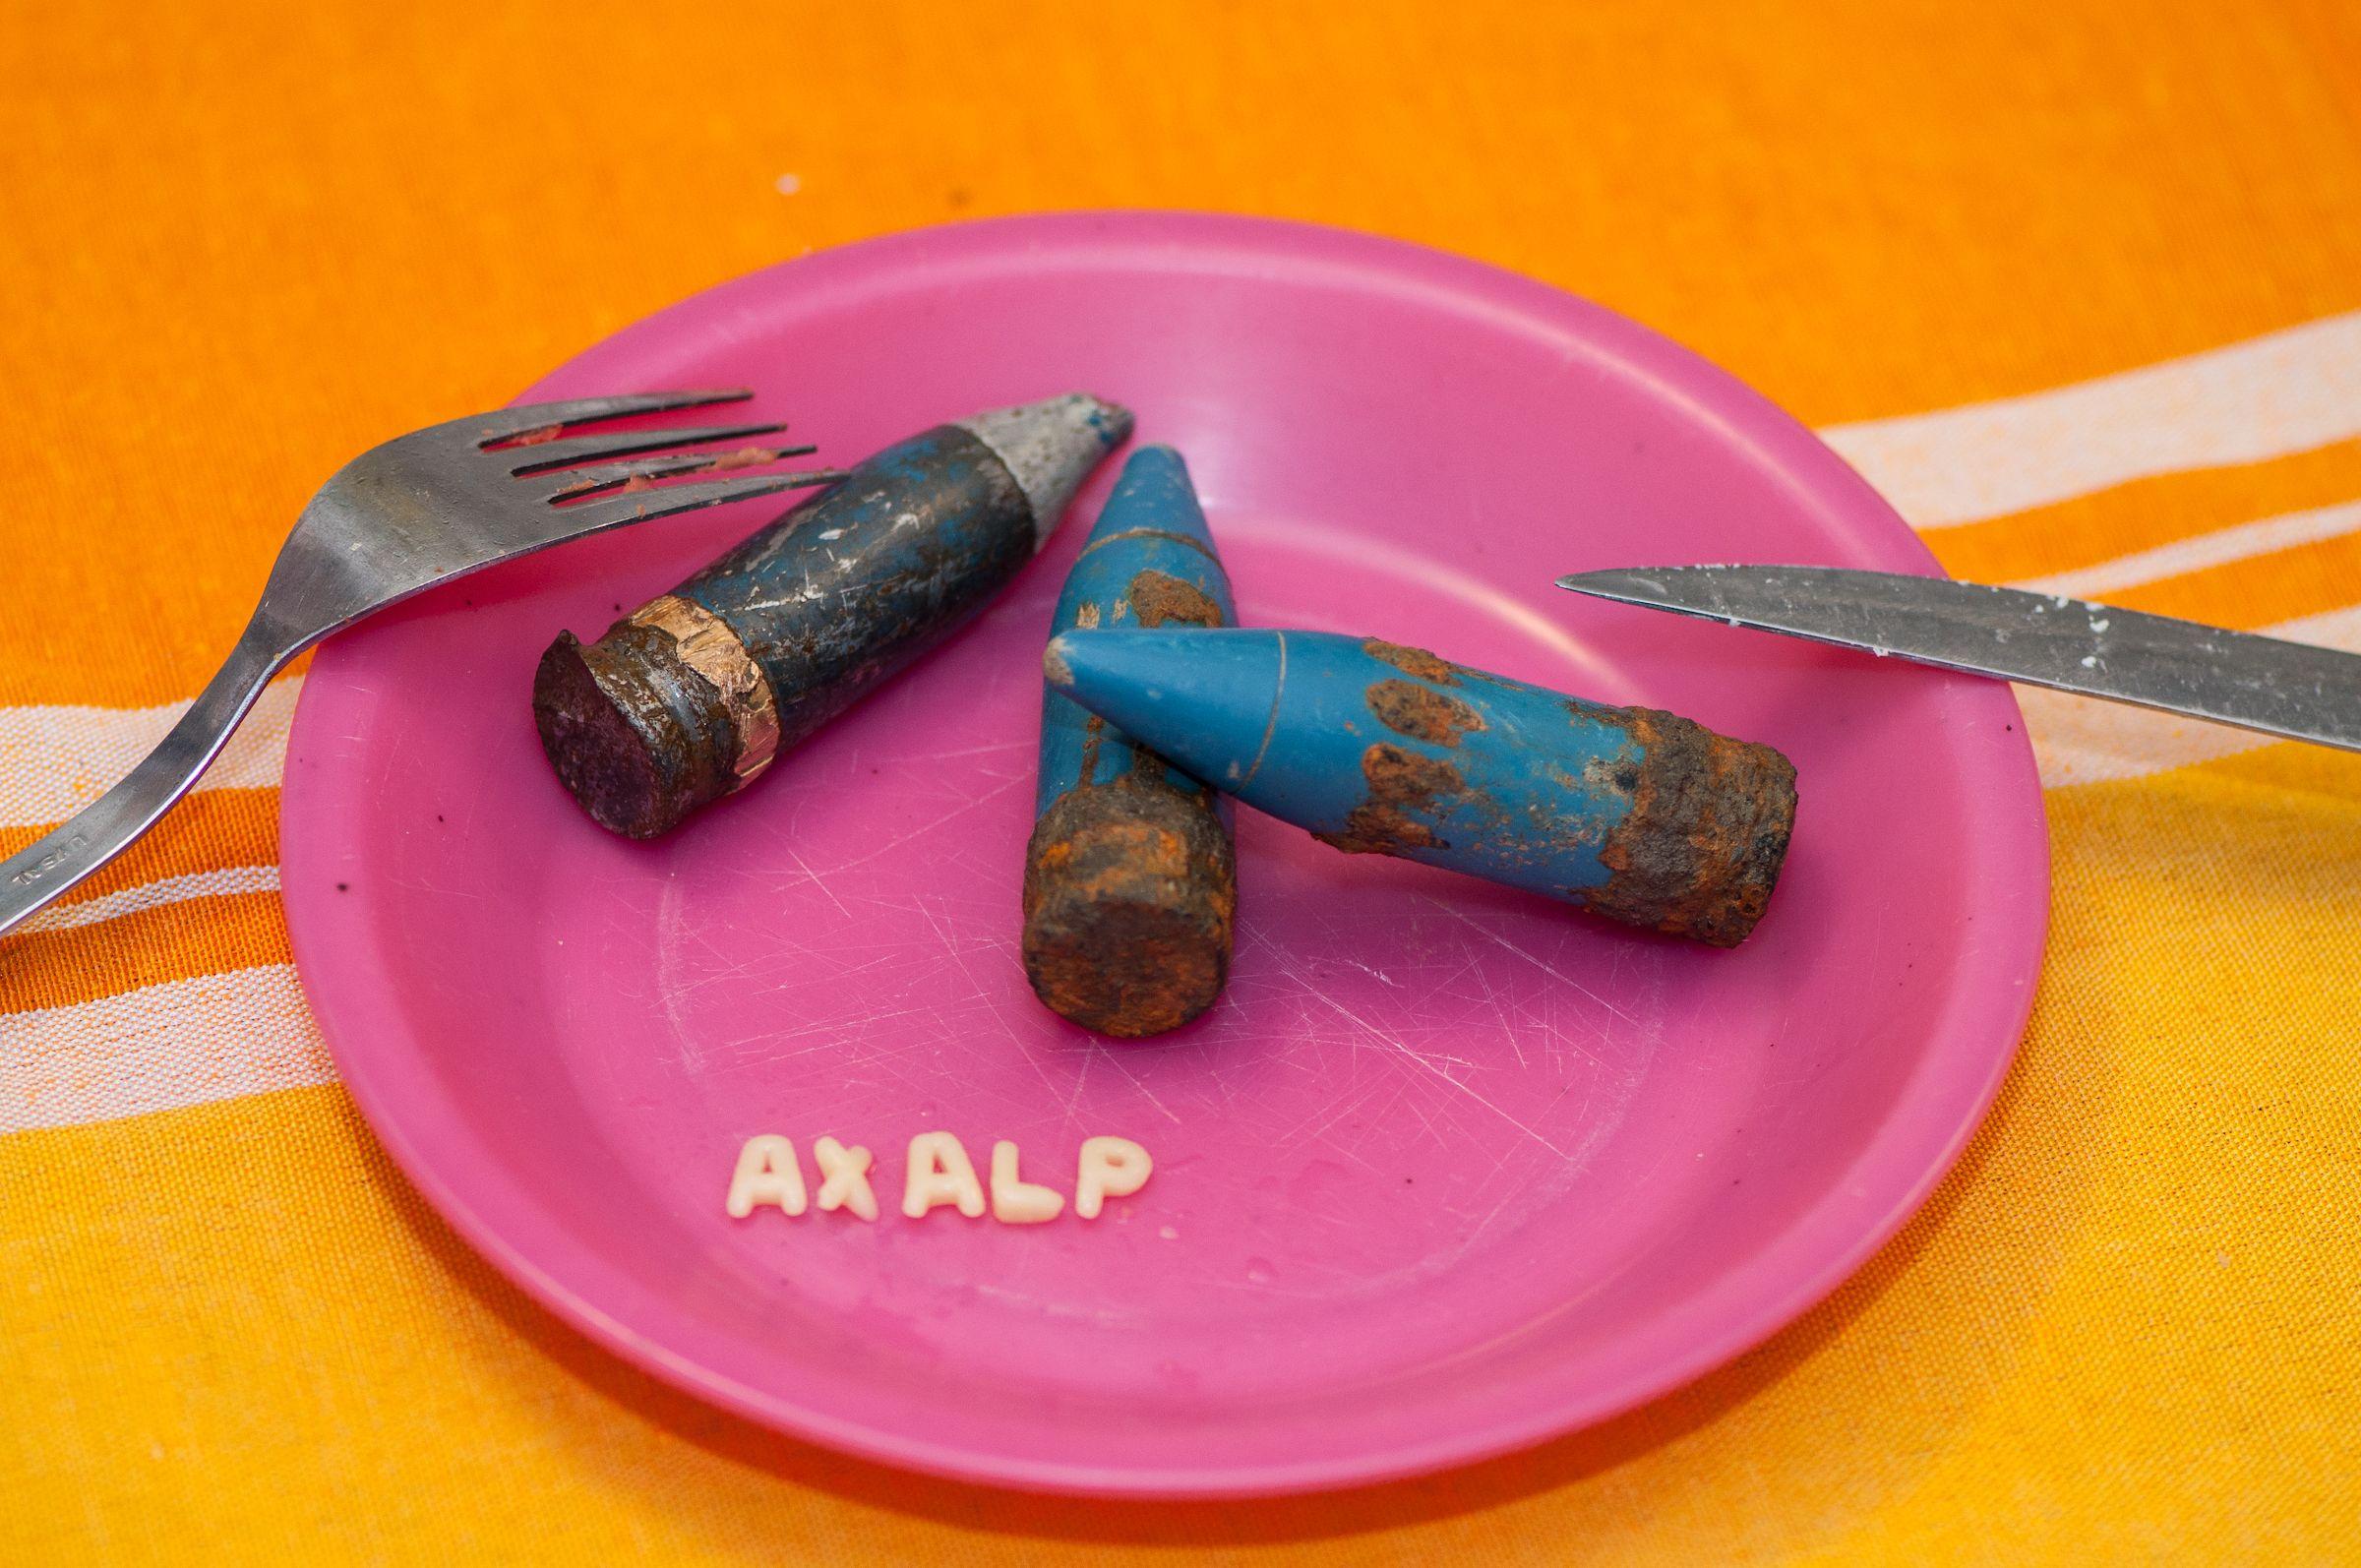 Air force live fire event Axalp 2012 - 10-11 Oct 2012 - Pagina 2 0001wpy